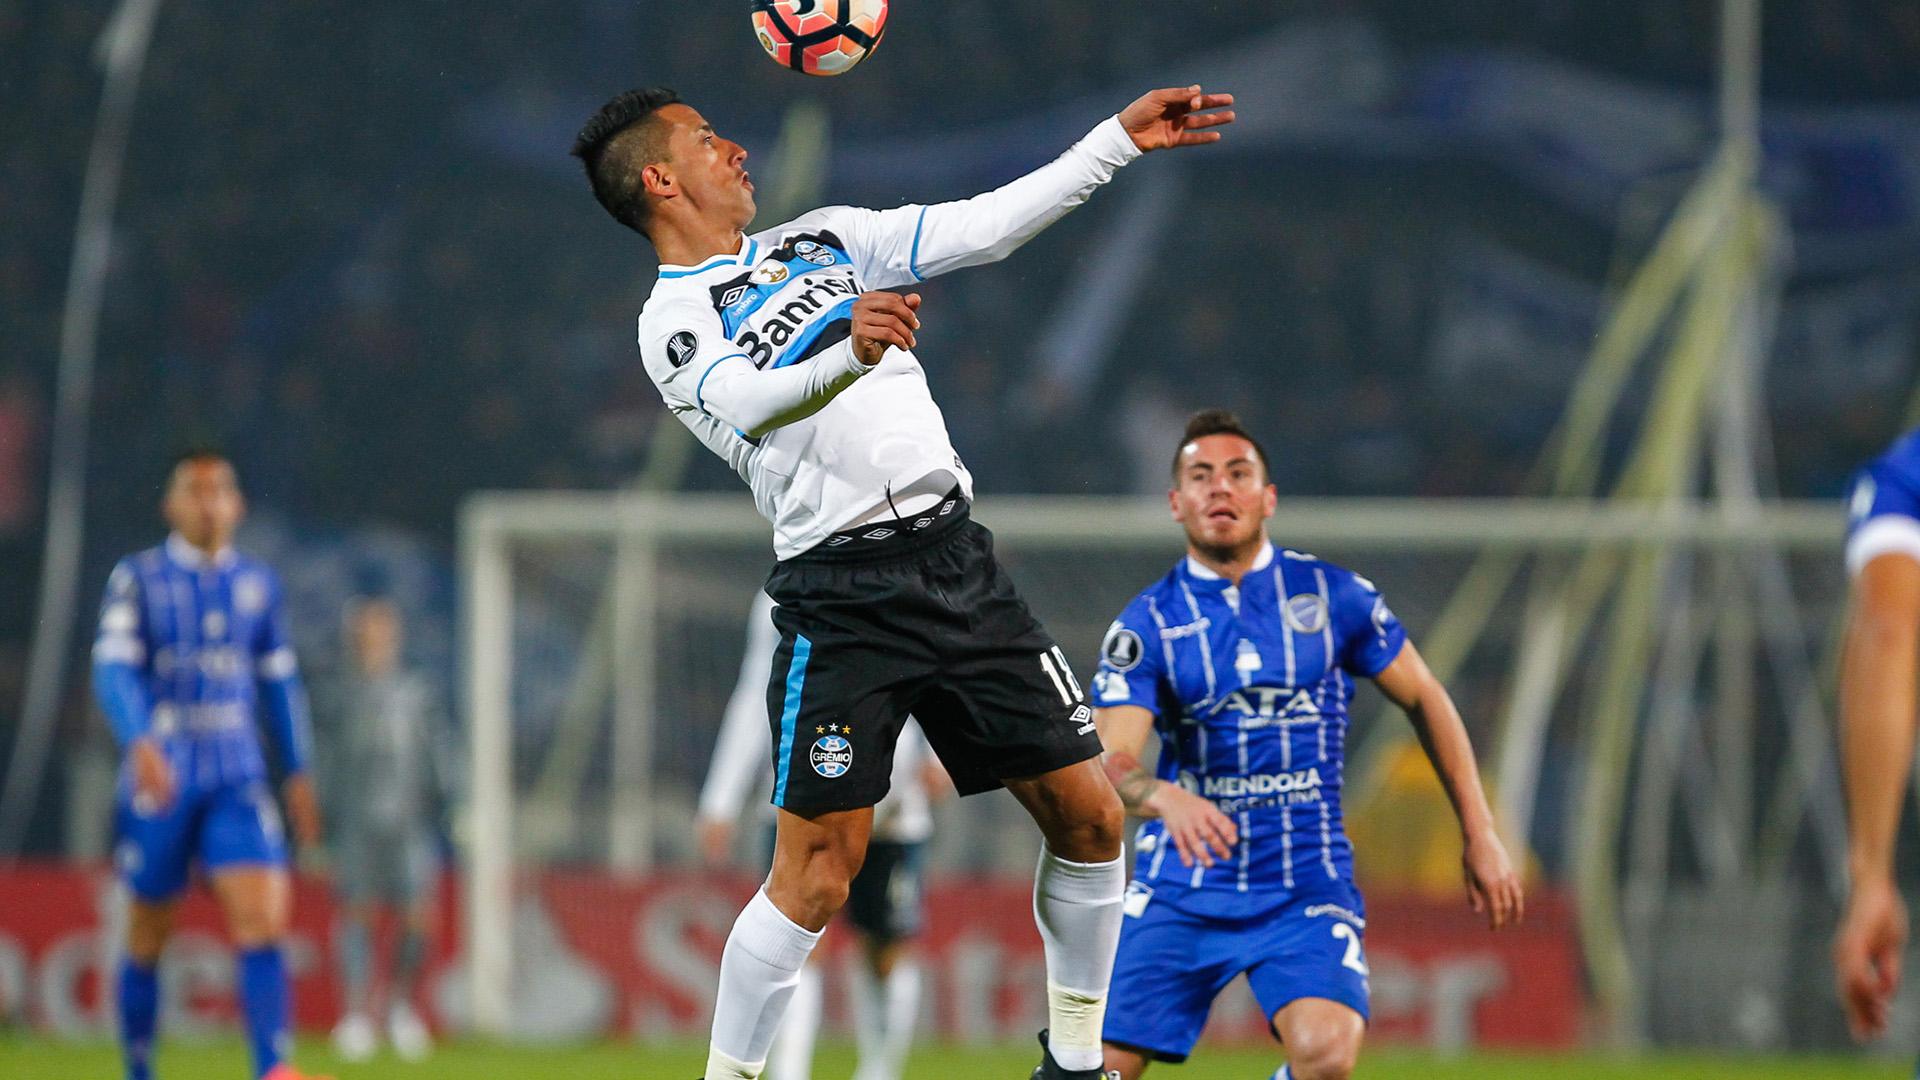 Lucas Barrios Godoy Cruz Gremio Libertadores 04072017